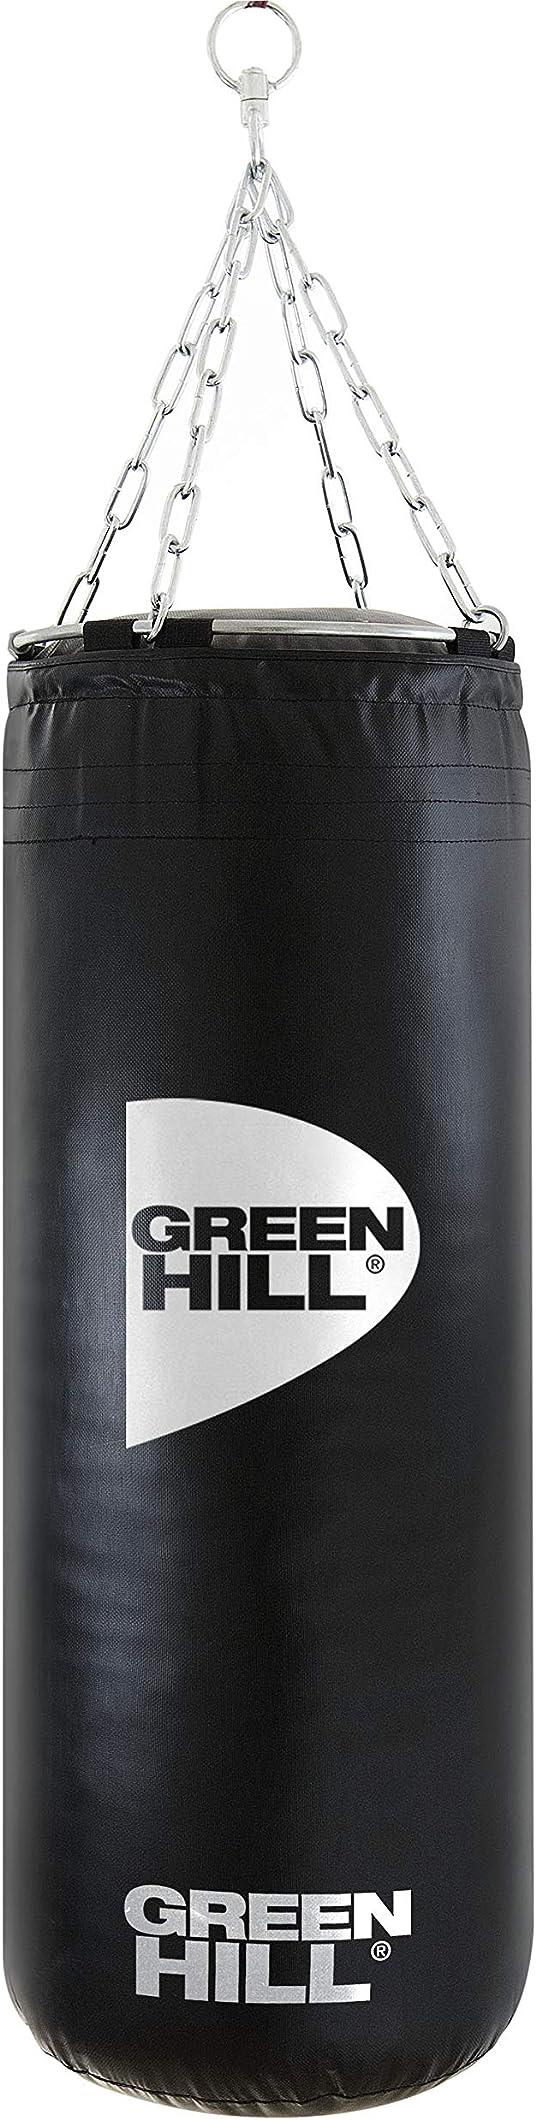 Sacco da boxe vinile pugilato pieno 90x35 riempito 25kg green hill B08KGMHYW2